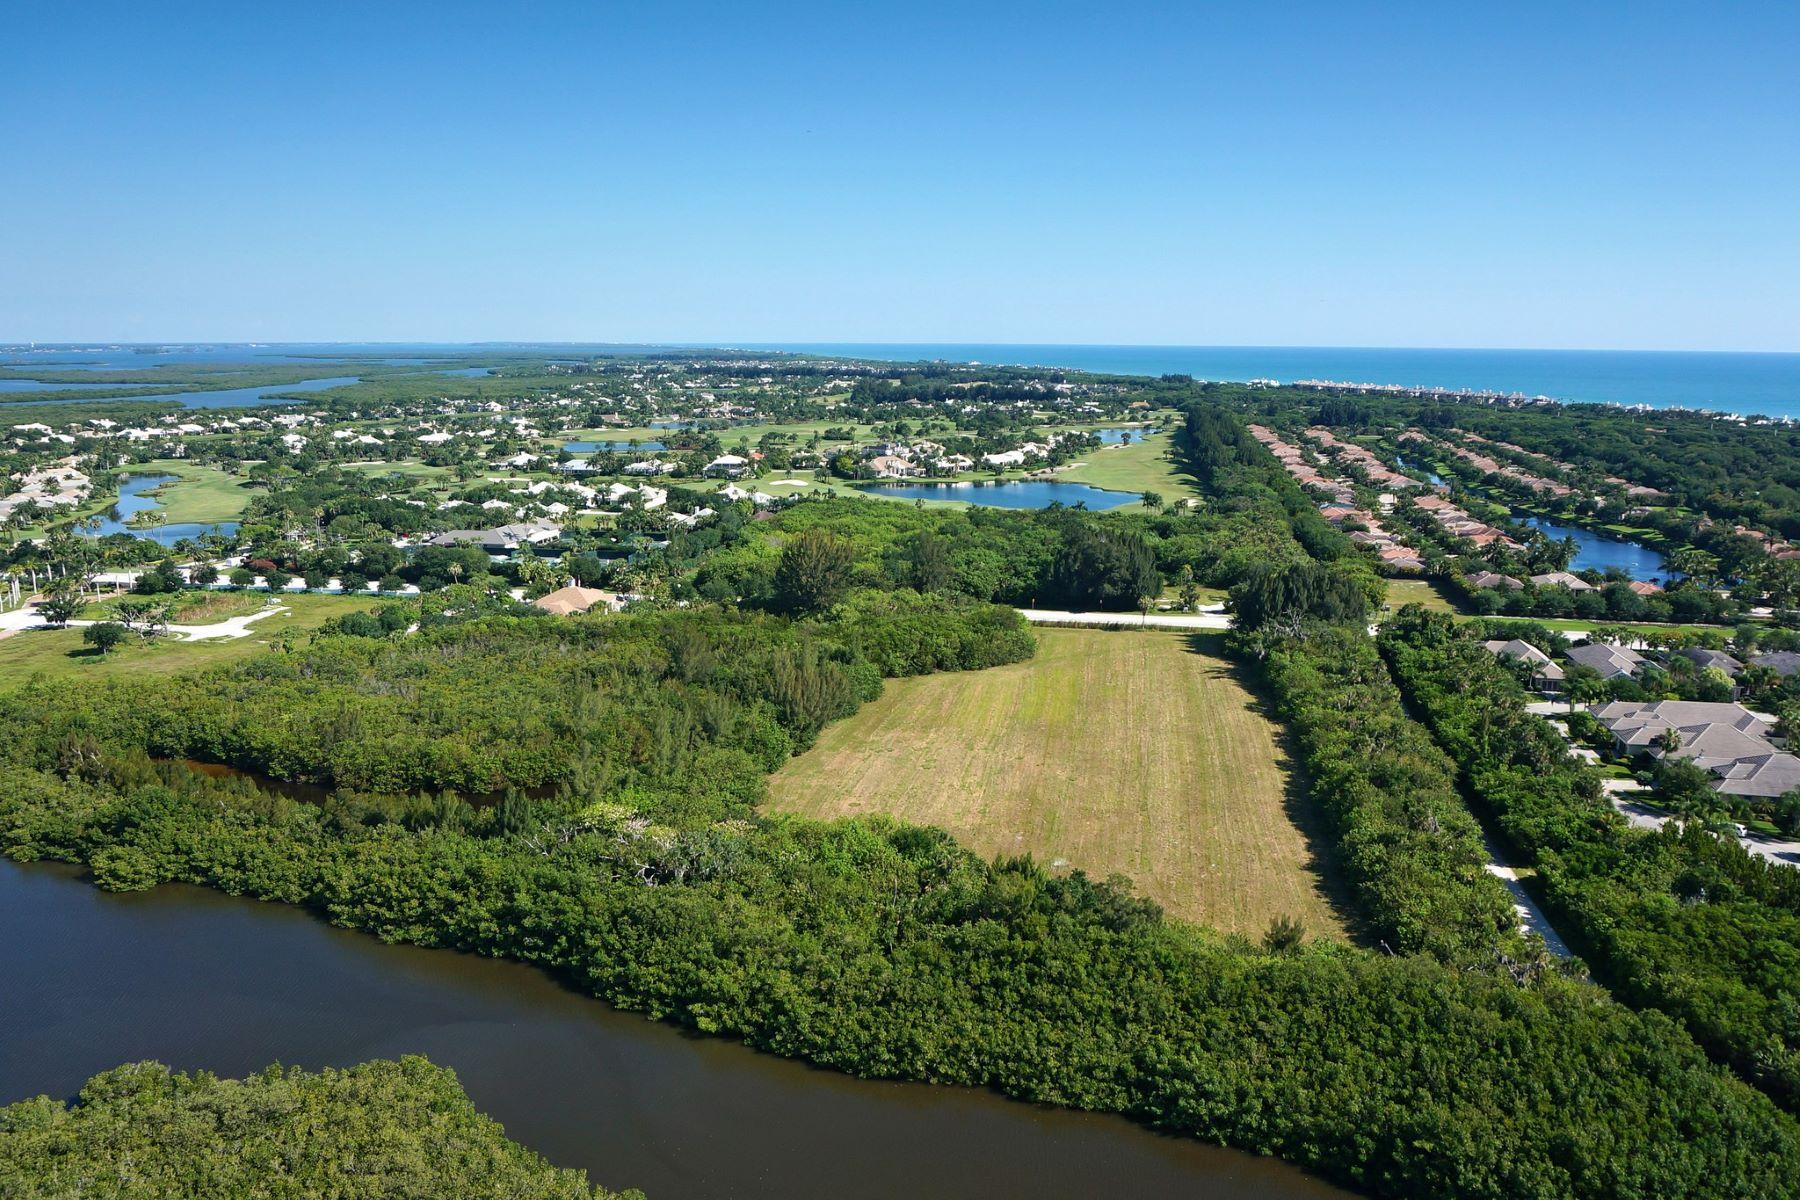 토지 용 매매 에 Rare Waterfront Development C R 510 Vero Beach, 플로리다, 32963 미국